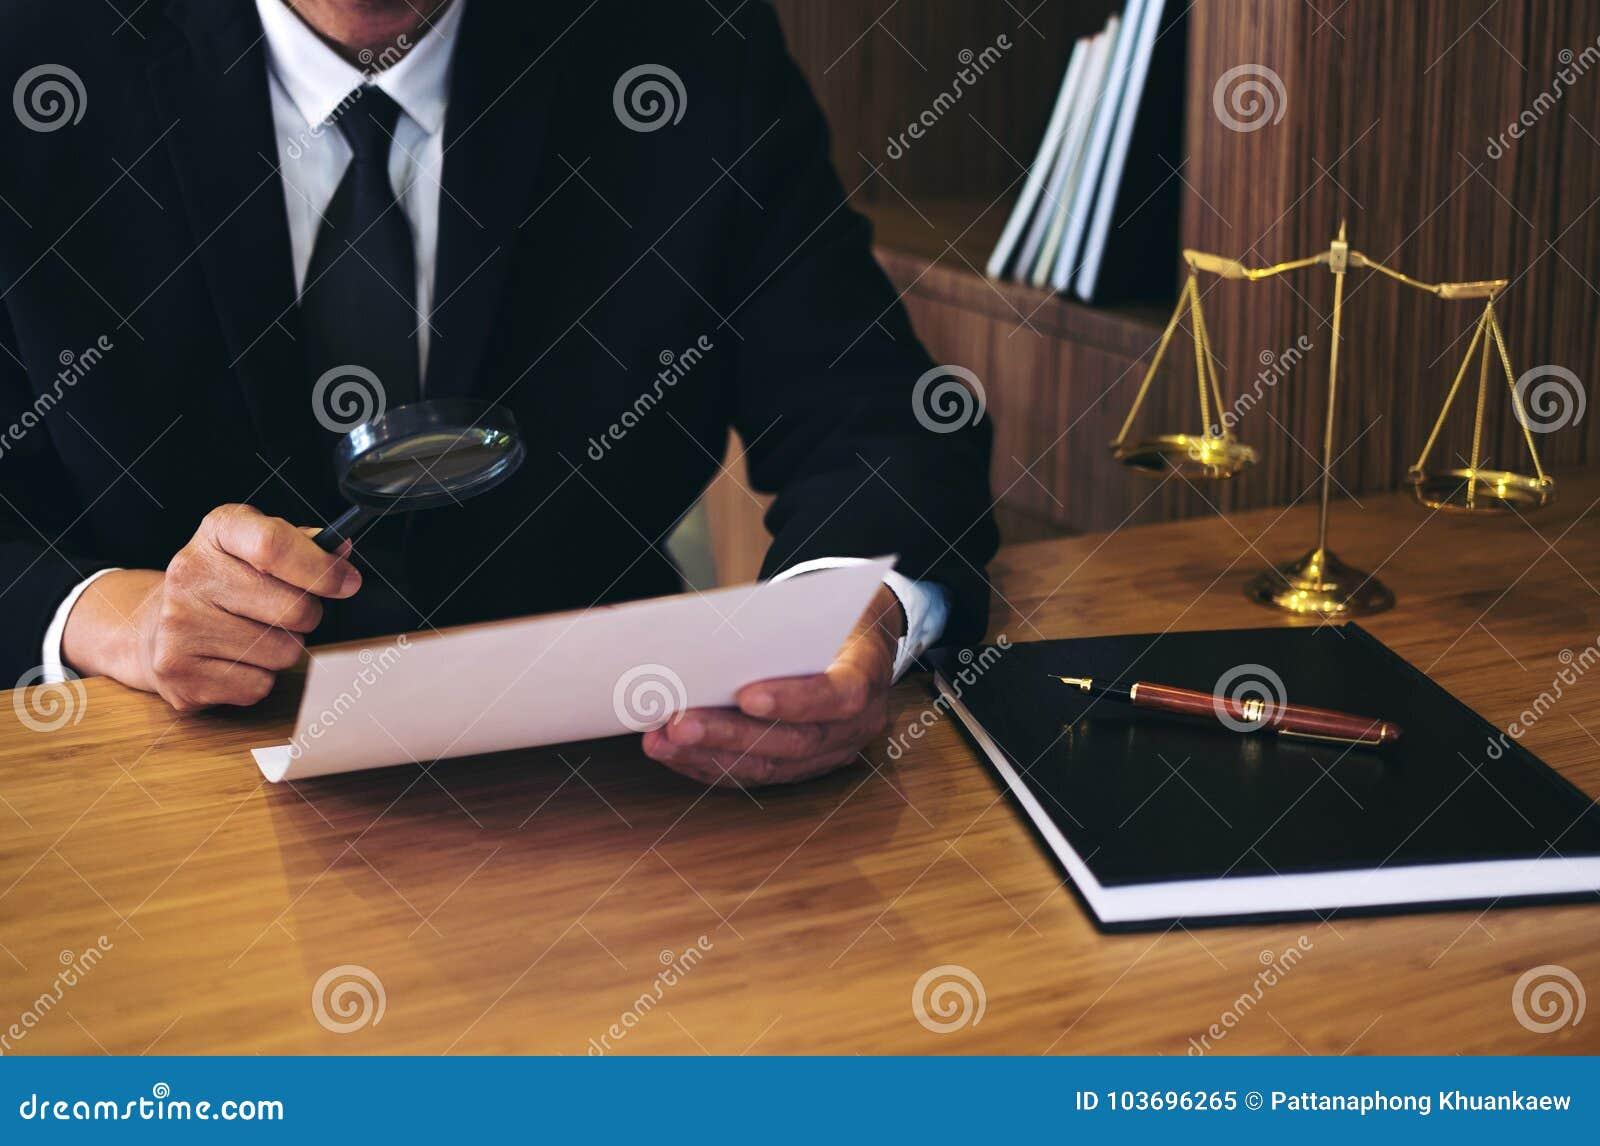 Accordo di contratto legale leggente dell avvocato maschio e documento d esame